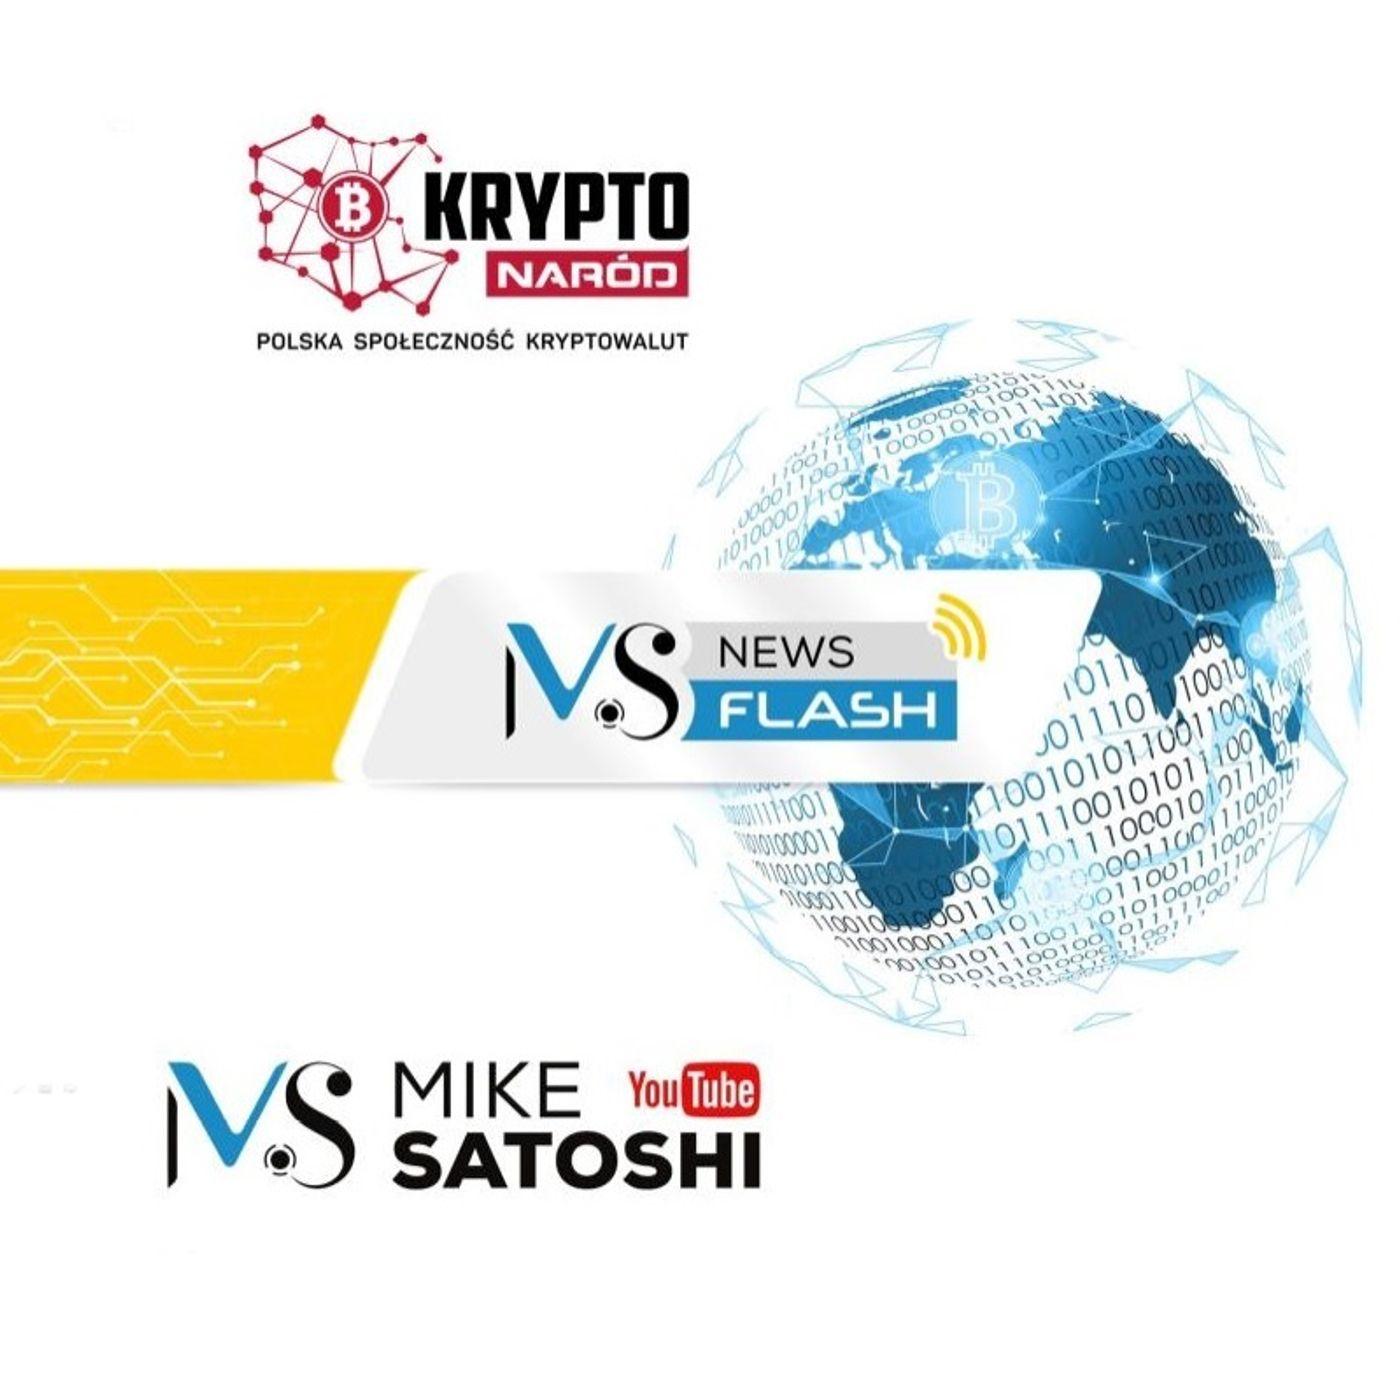 12.03.2020 | Załamanie na rynku kryptowalut! | Czy Bitcoin spadnie do 1000 USD? | Analiza scenariuszy.